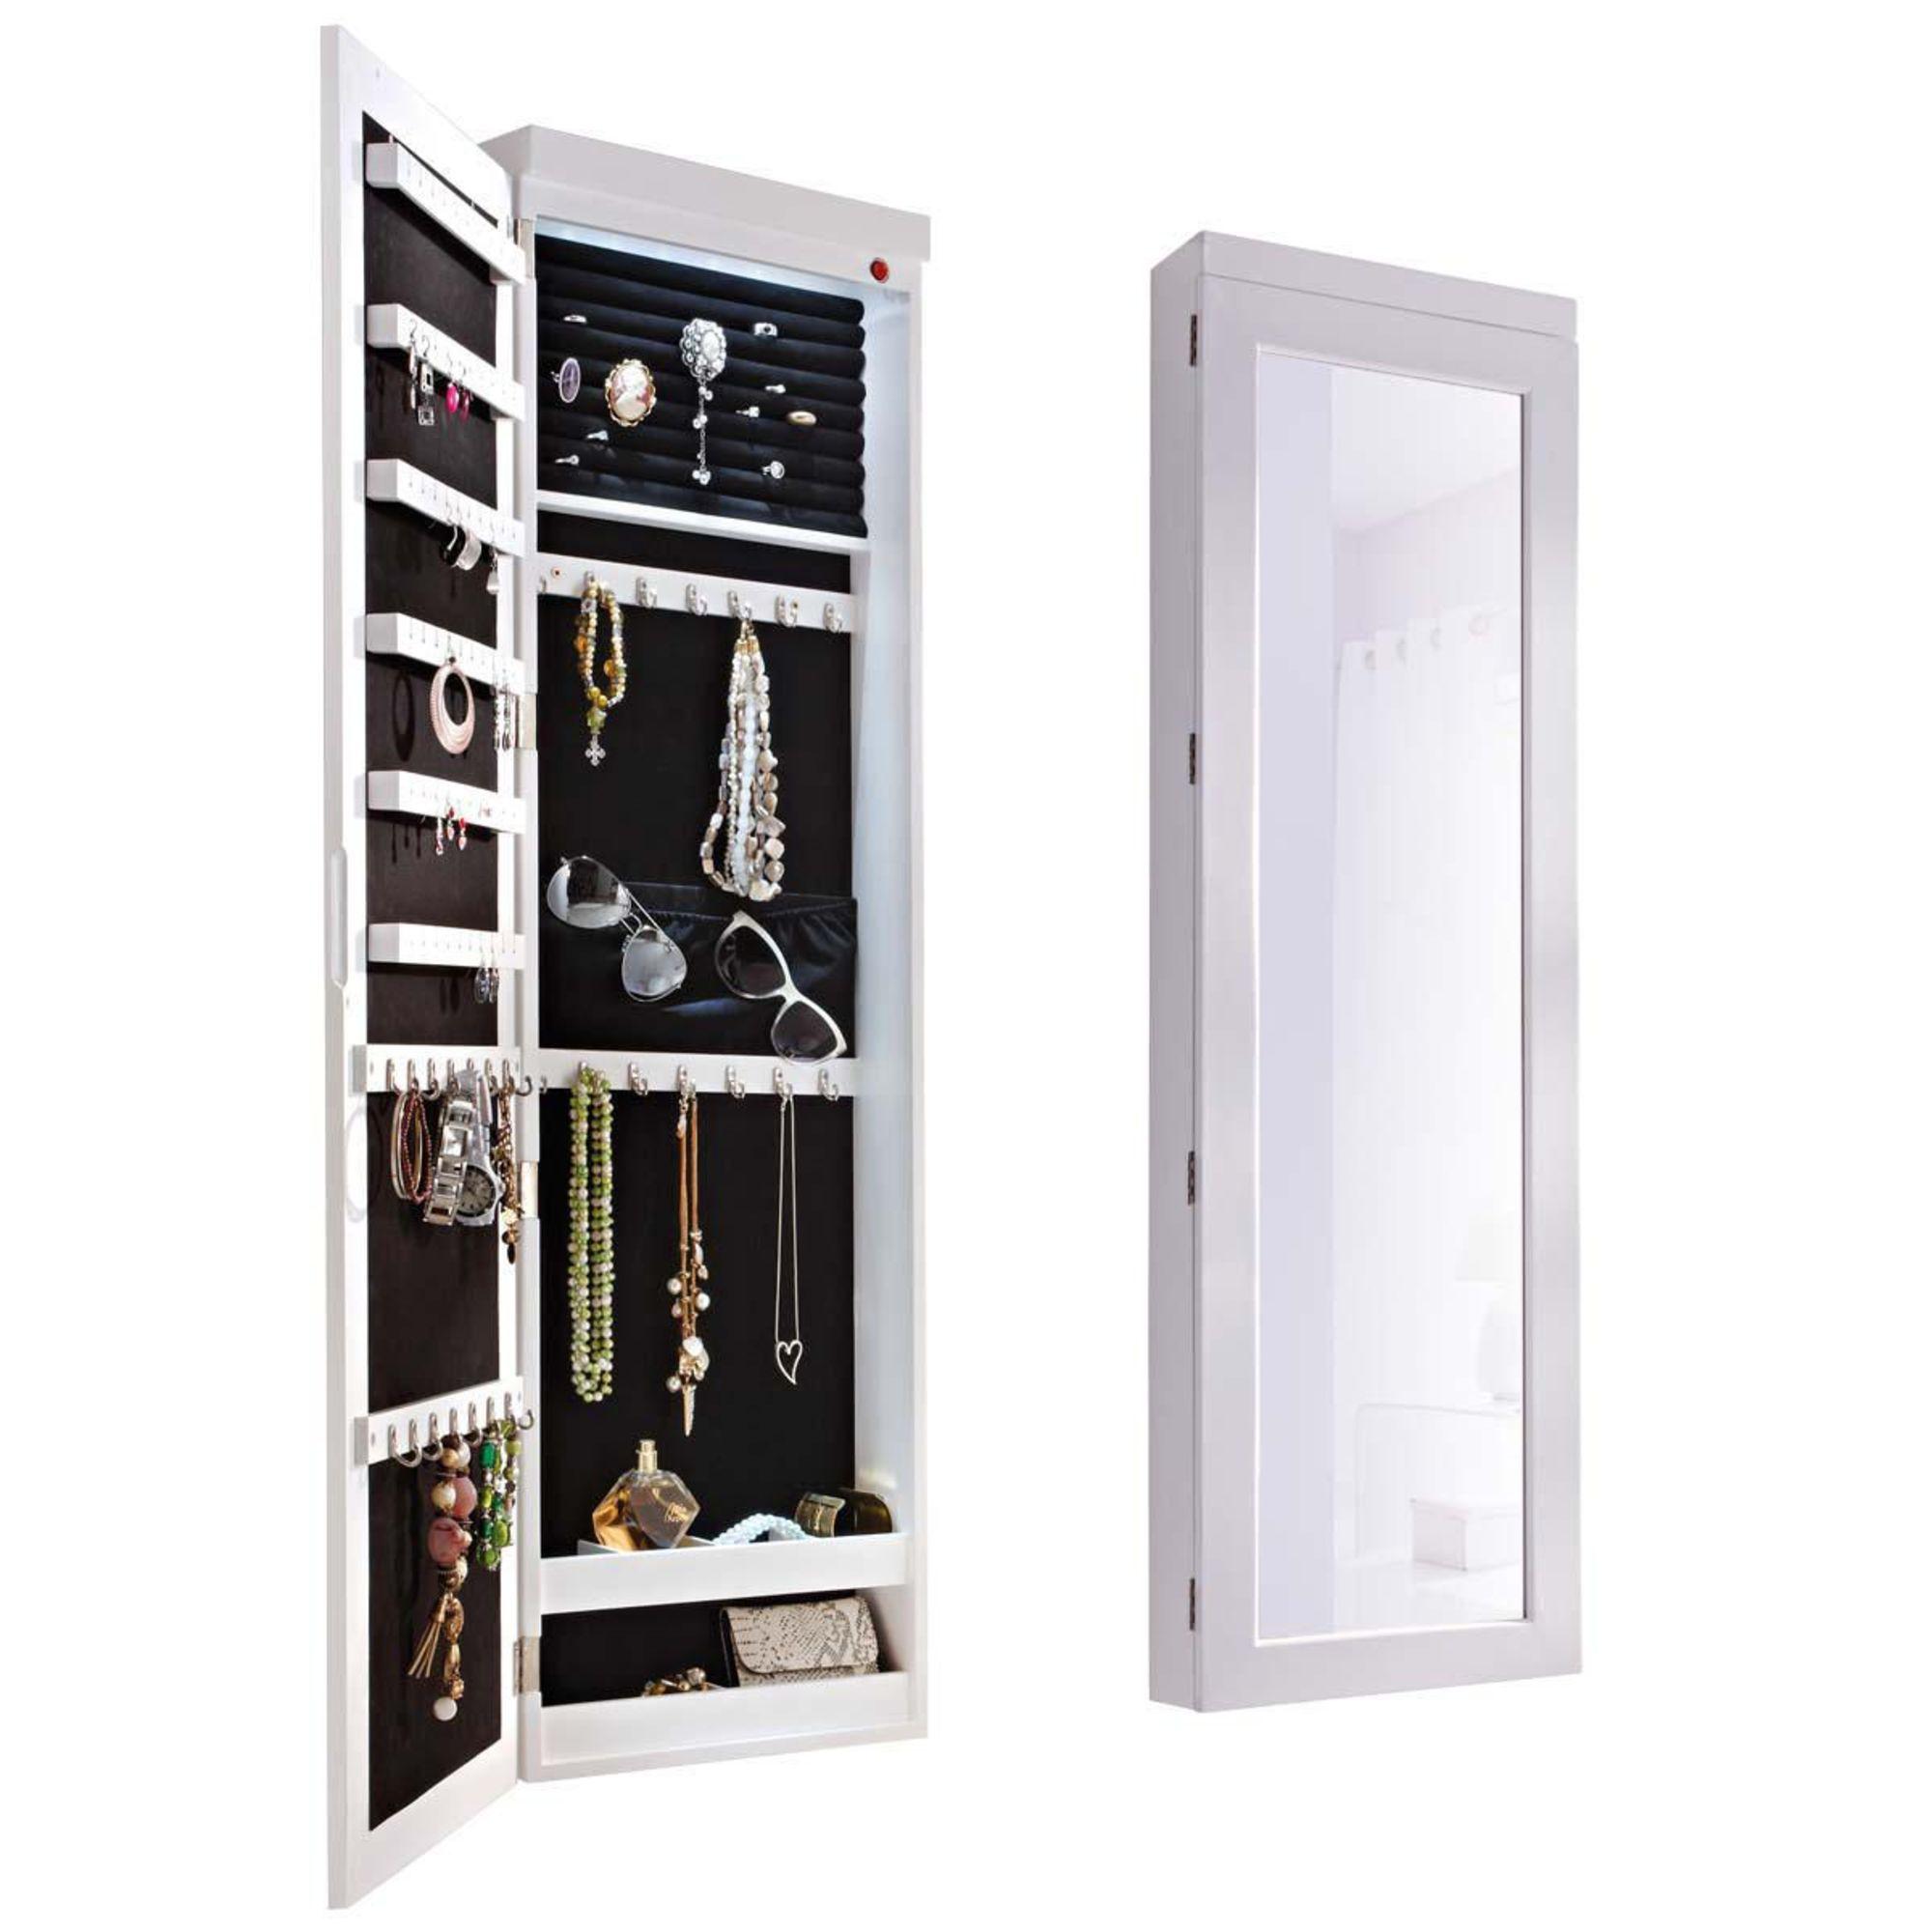 schmuckschrank-spiegel-mit-led-beleuchtung Spannende Spiegel Mit Led Beleuchtung Dekorationen